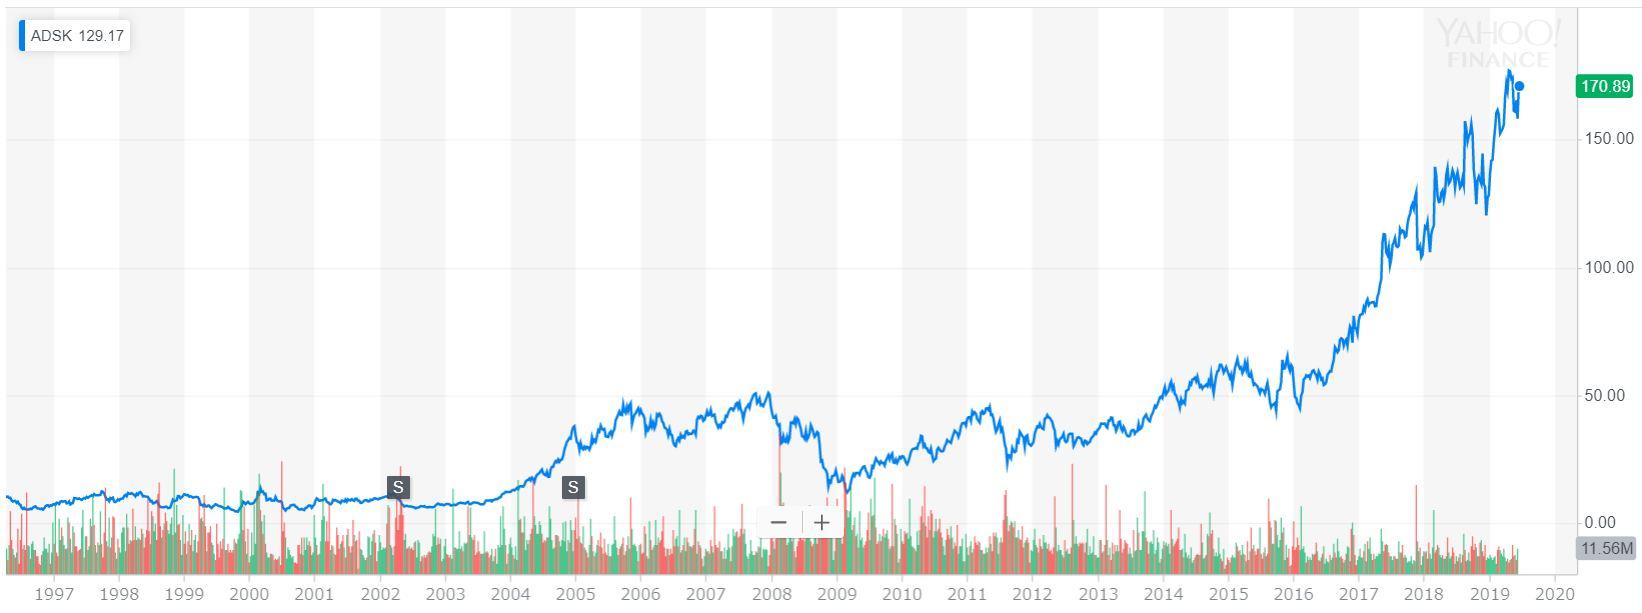 オートデスク(ADSK)の株価(1997年~2019年)